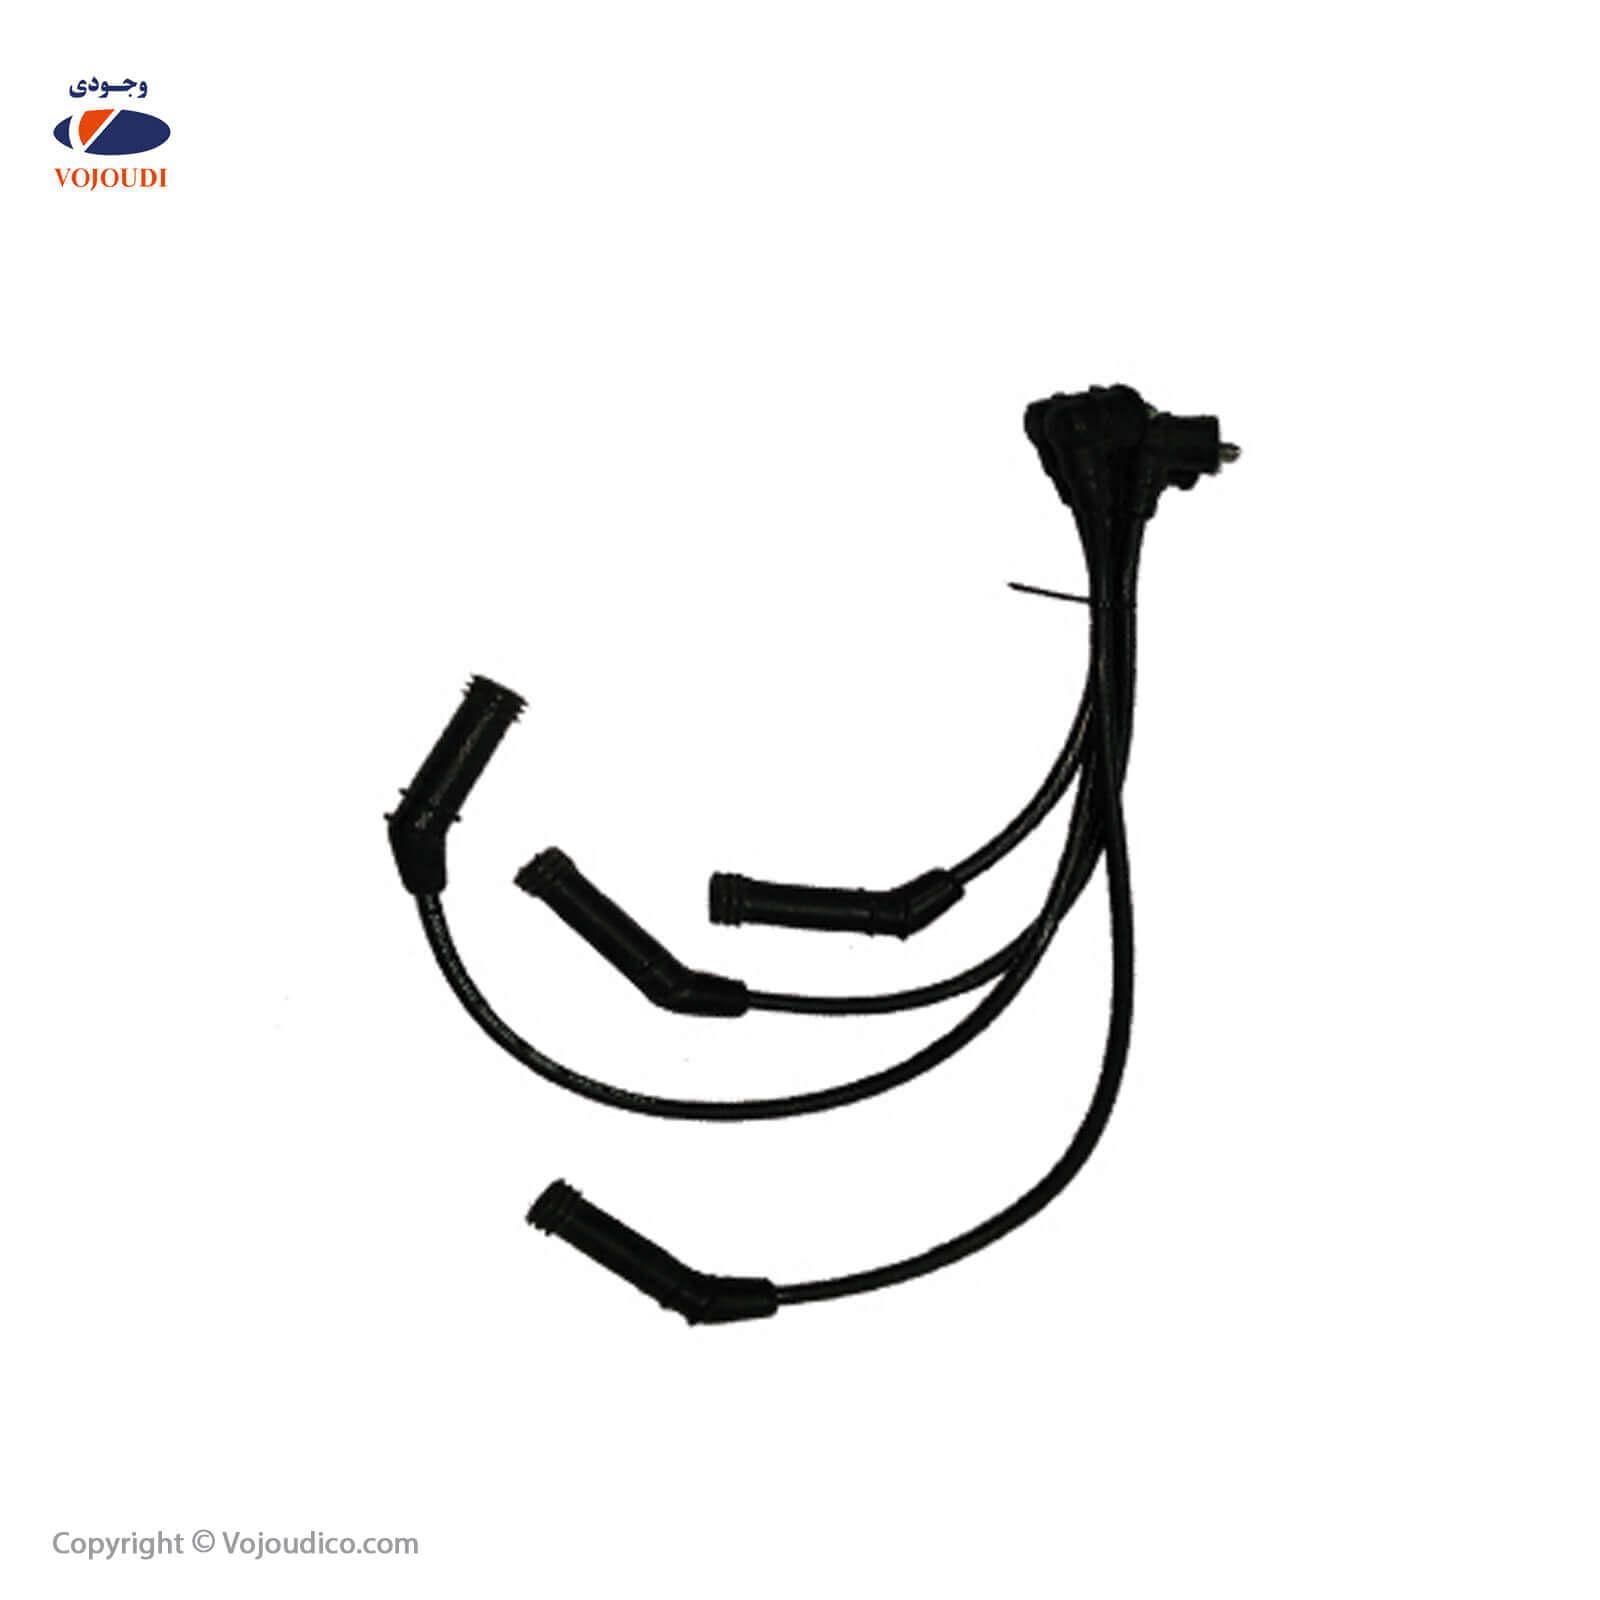 36222 - وایر شمع زیمنس انژکتور دوگانه سوز وجودی ، تعداد در بسته : 10 دست